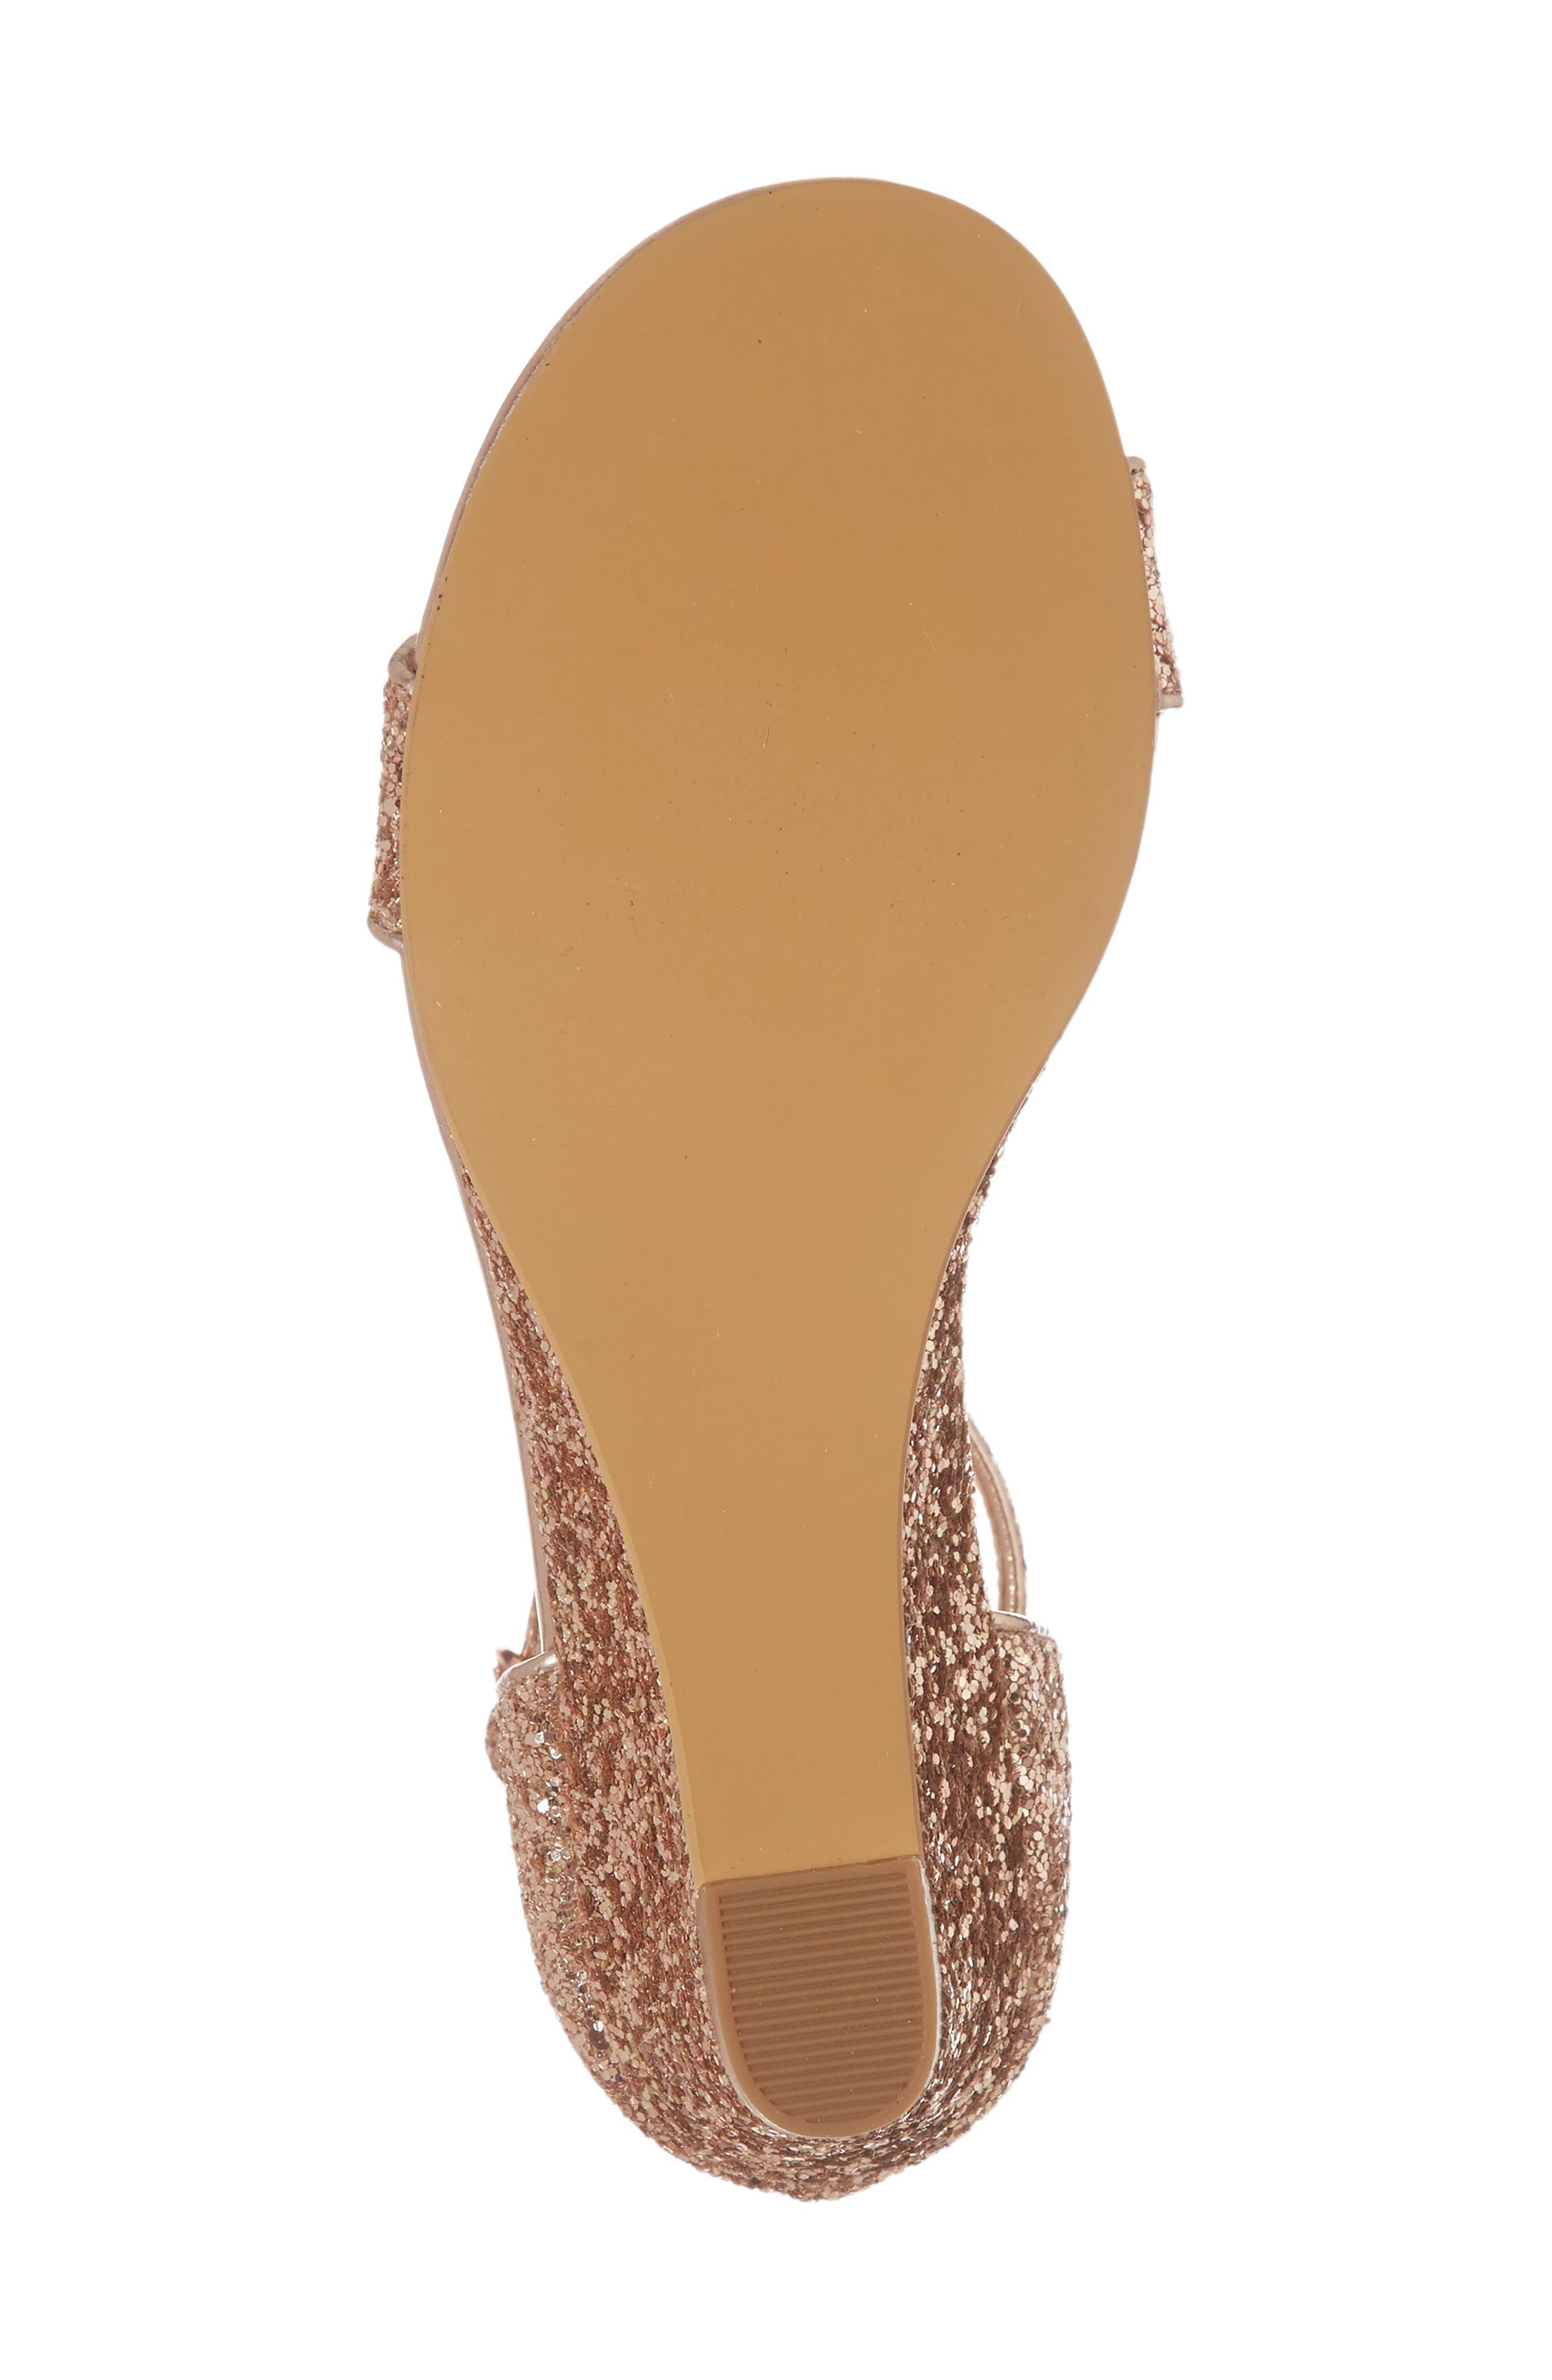 Remi Wedge Sandal,                             Alternate thumbnail 6, color,                             Rose Gold Glitter